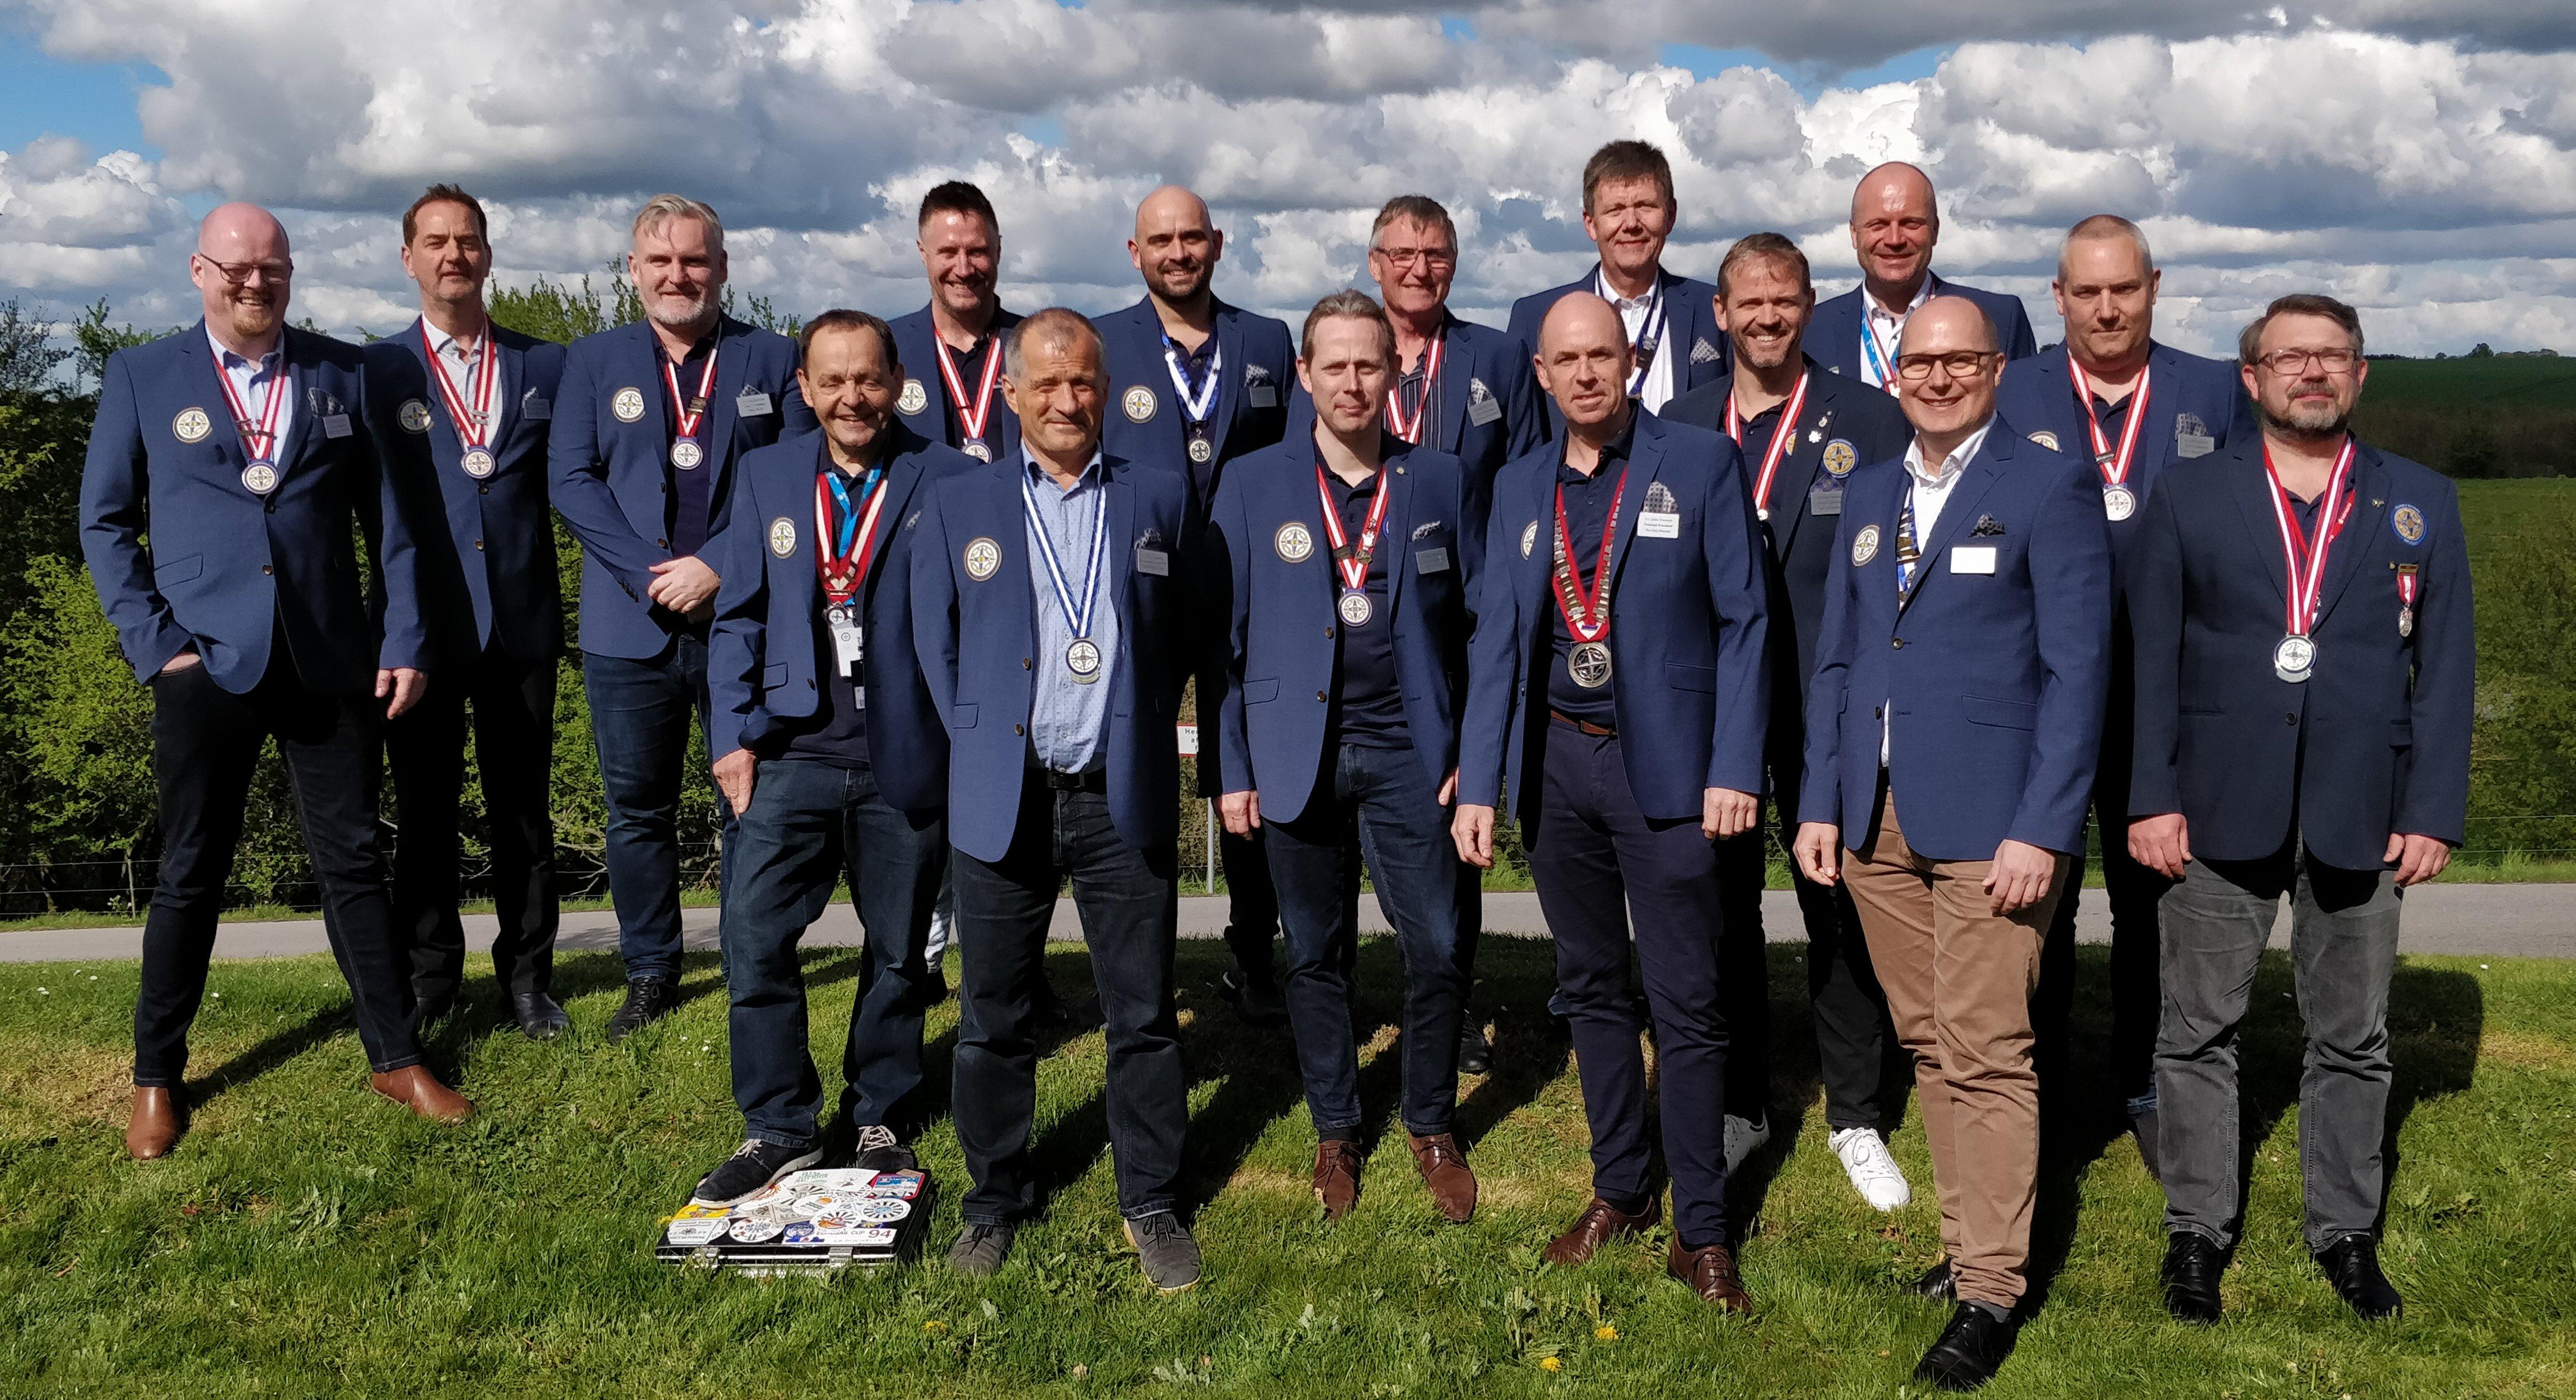 Den nye landsledelse valgt på Landsrådet den 4. maj 2019